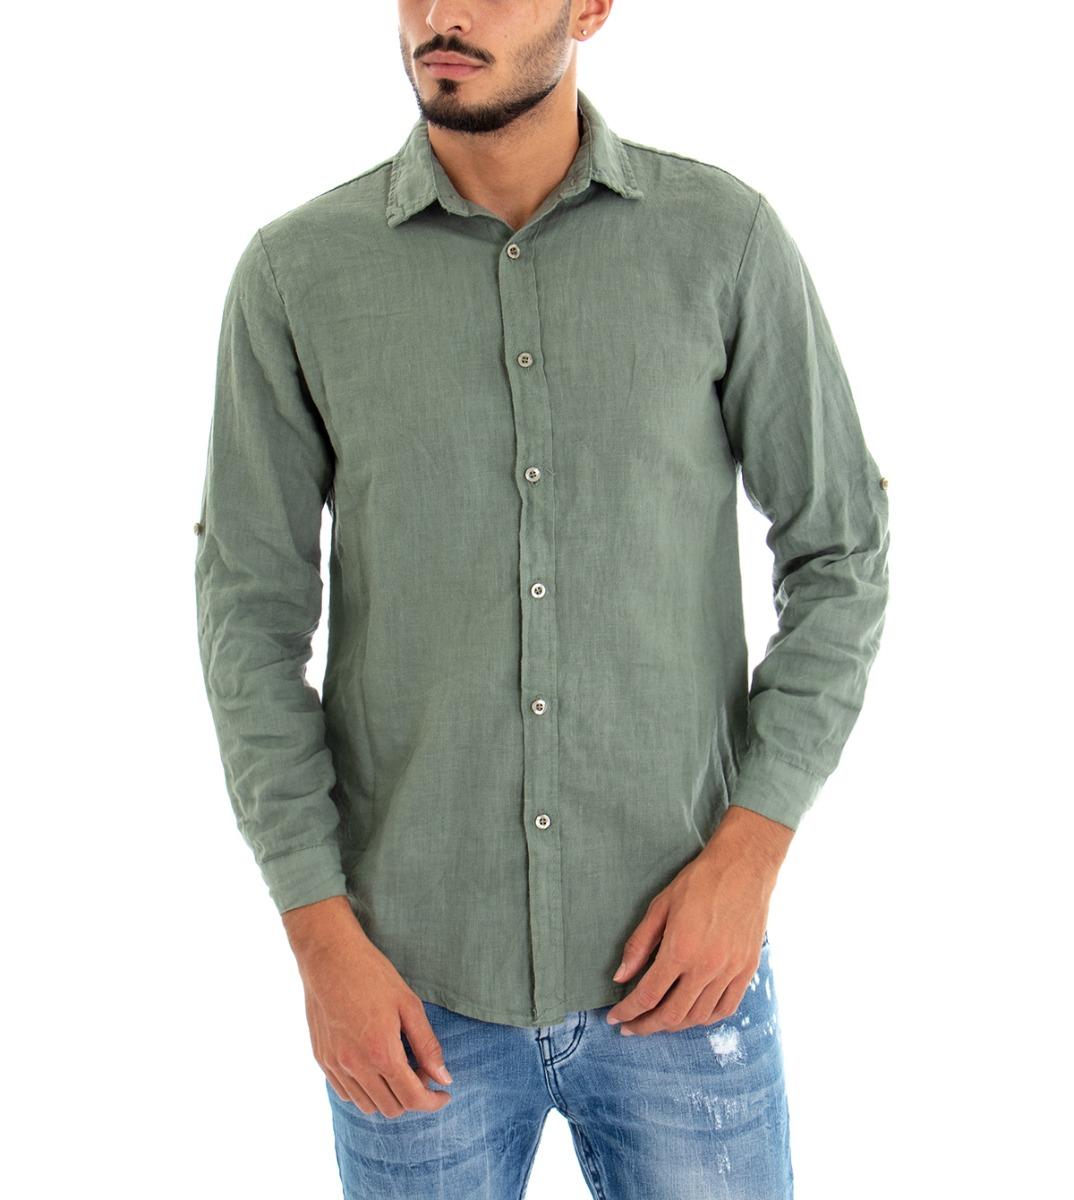 Camicia-Uomo-Lino-Maniche-Lunghe-Colletto-Tinta-Unita-Verde-GIOSAL miniatura 2